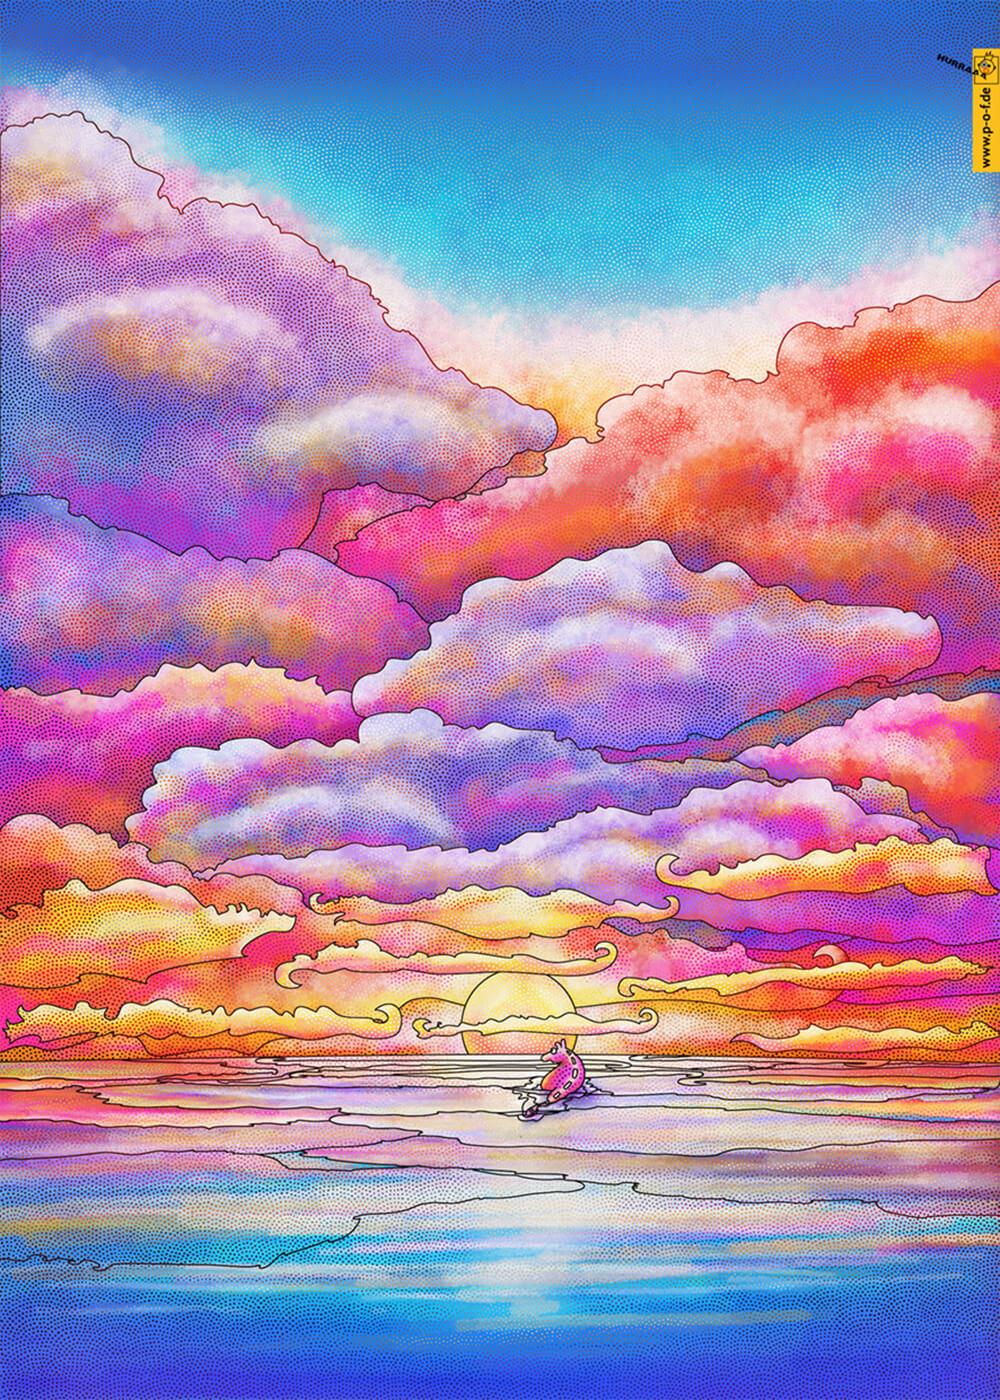 Fabeltier steht im Wasser und schaut in den Sonnenuntergang